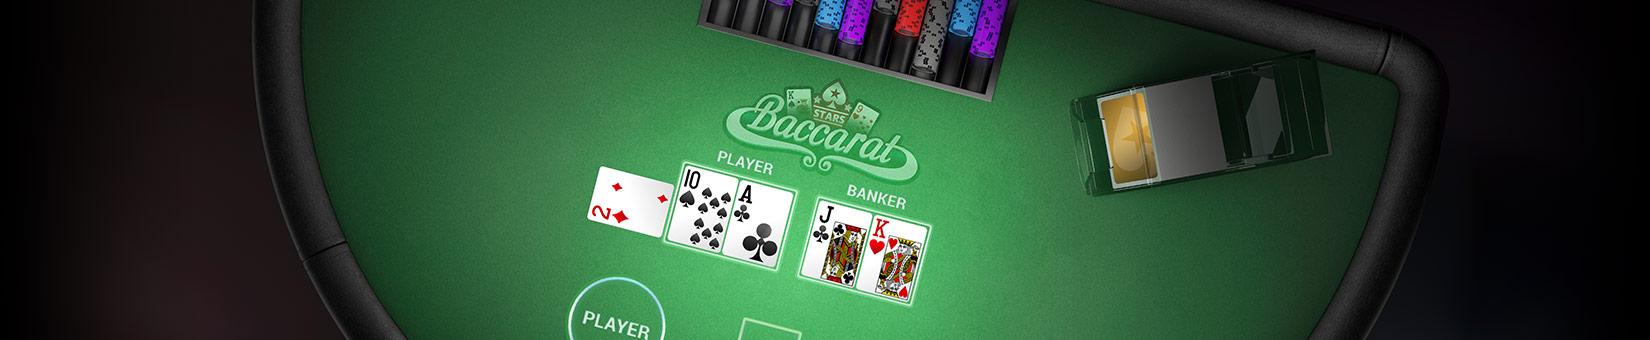 Baccarat online juego Limpio 988429